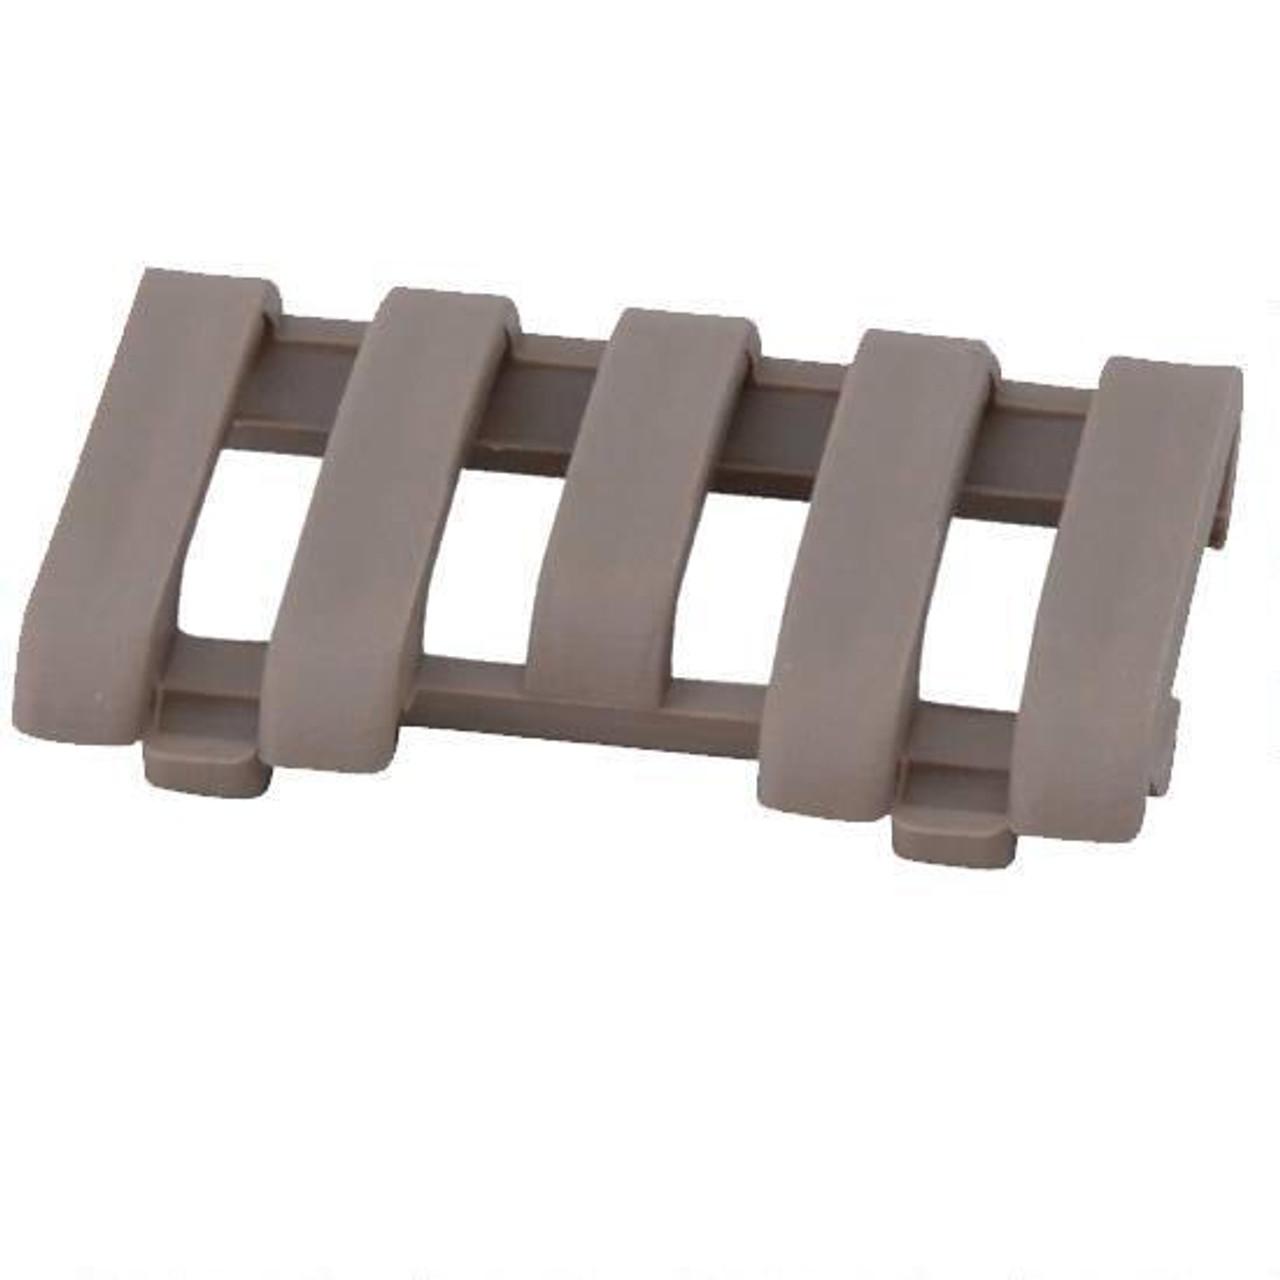 ERGO Grip Low Pro 5 Slot Picatinny Rail Wire Loom Santoprene DE